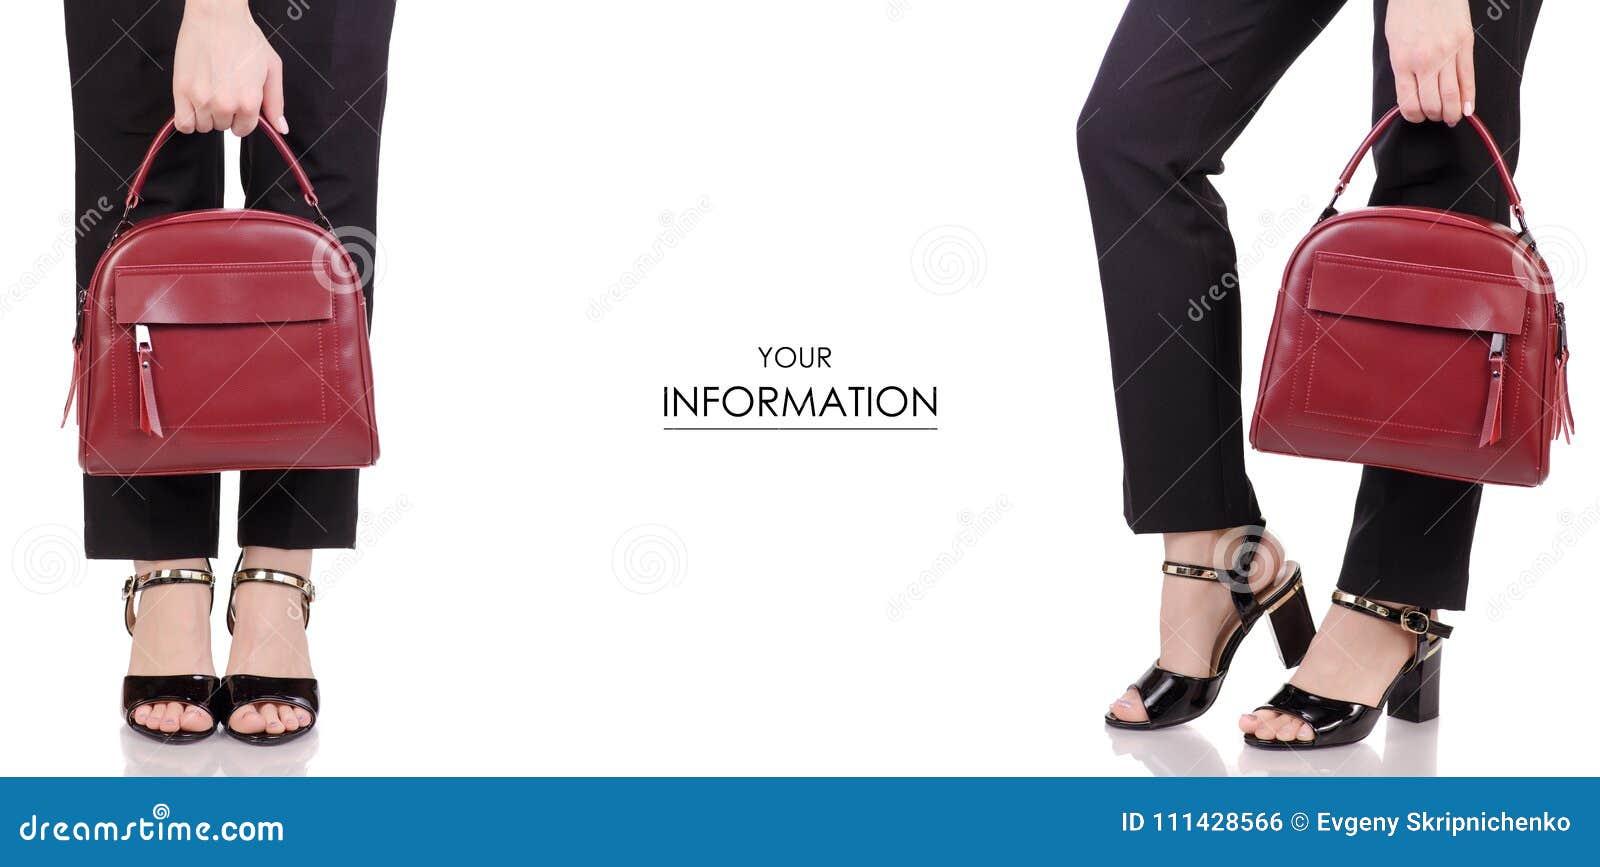 La Femeninas Negros En Zapatos Piernas De De Laca Los Pantalones HXwdZwWx